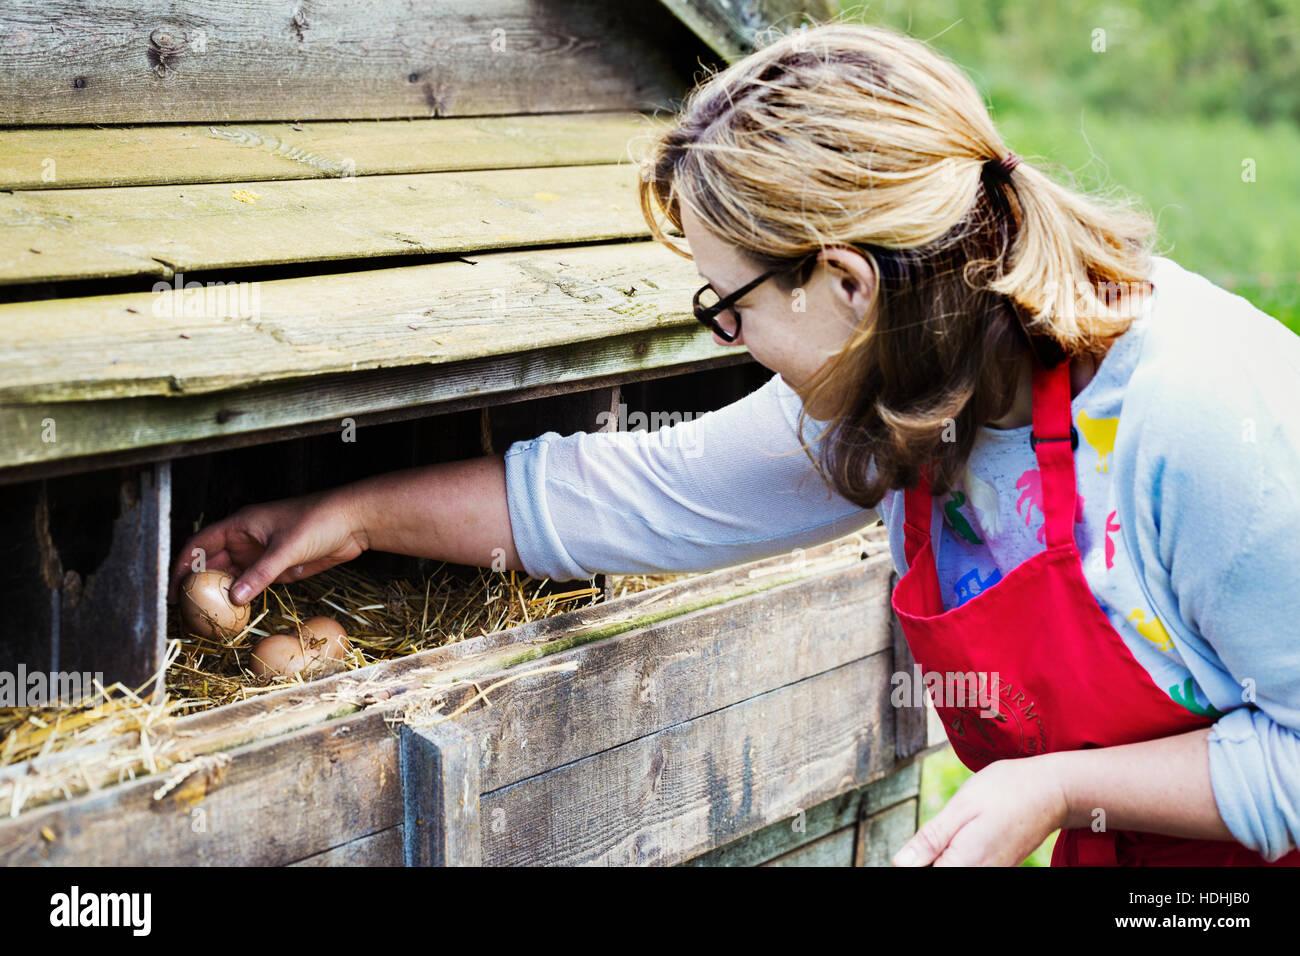 Una donna prendendo le uova da un pollaio. Immagini Stock